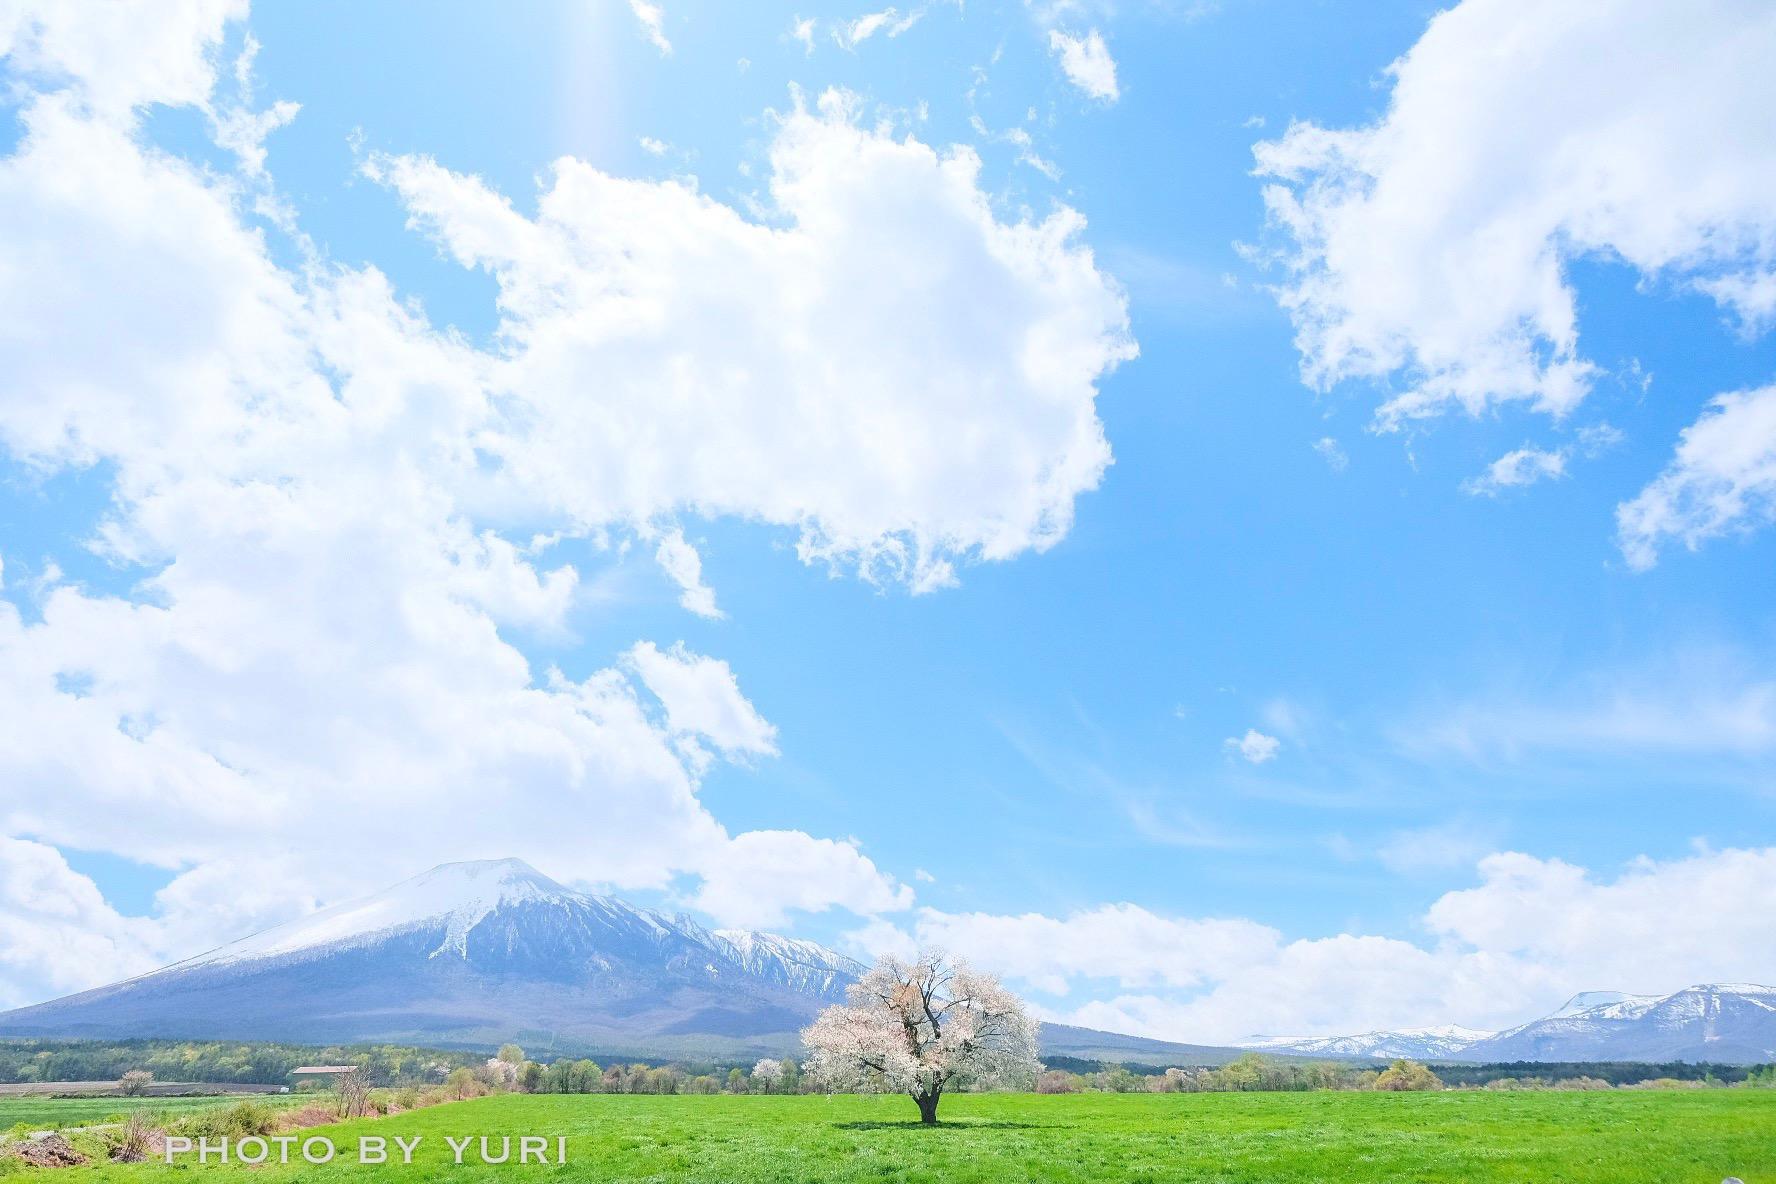 遅咲きの桜も!GW~5月上旬でも楽しめる青森岩手観光スポット5選